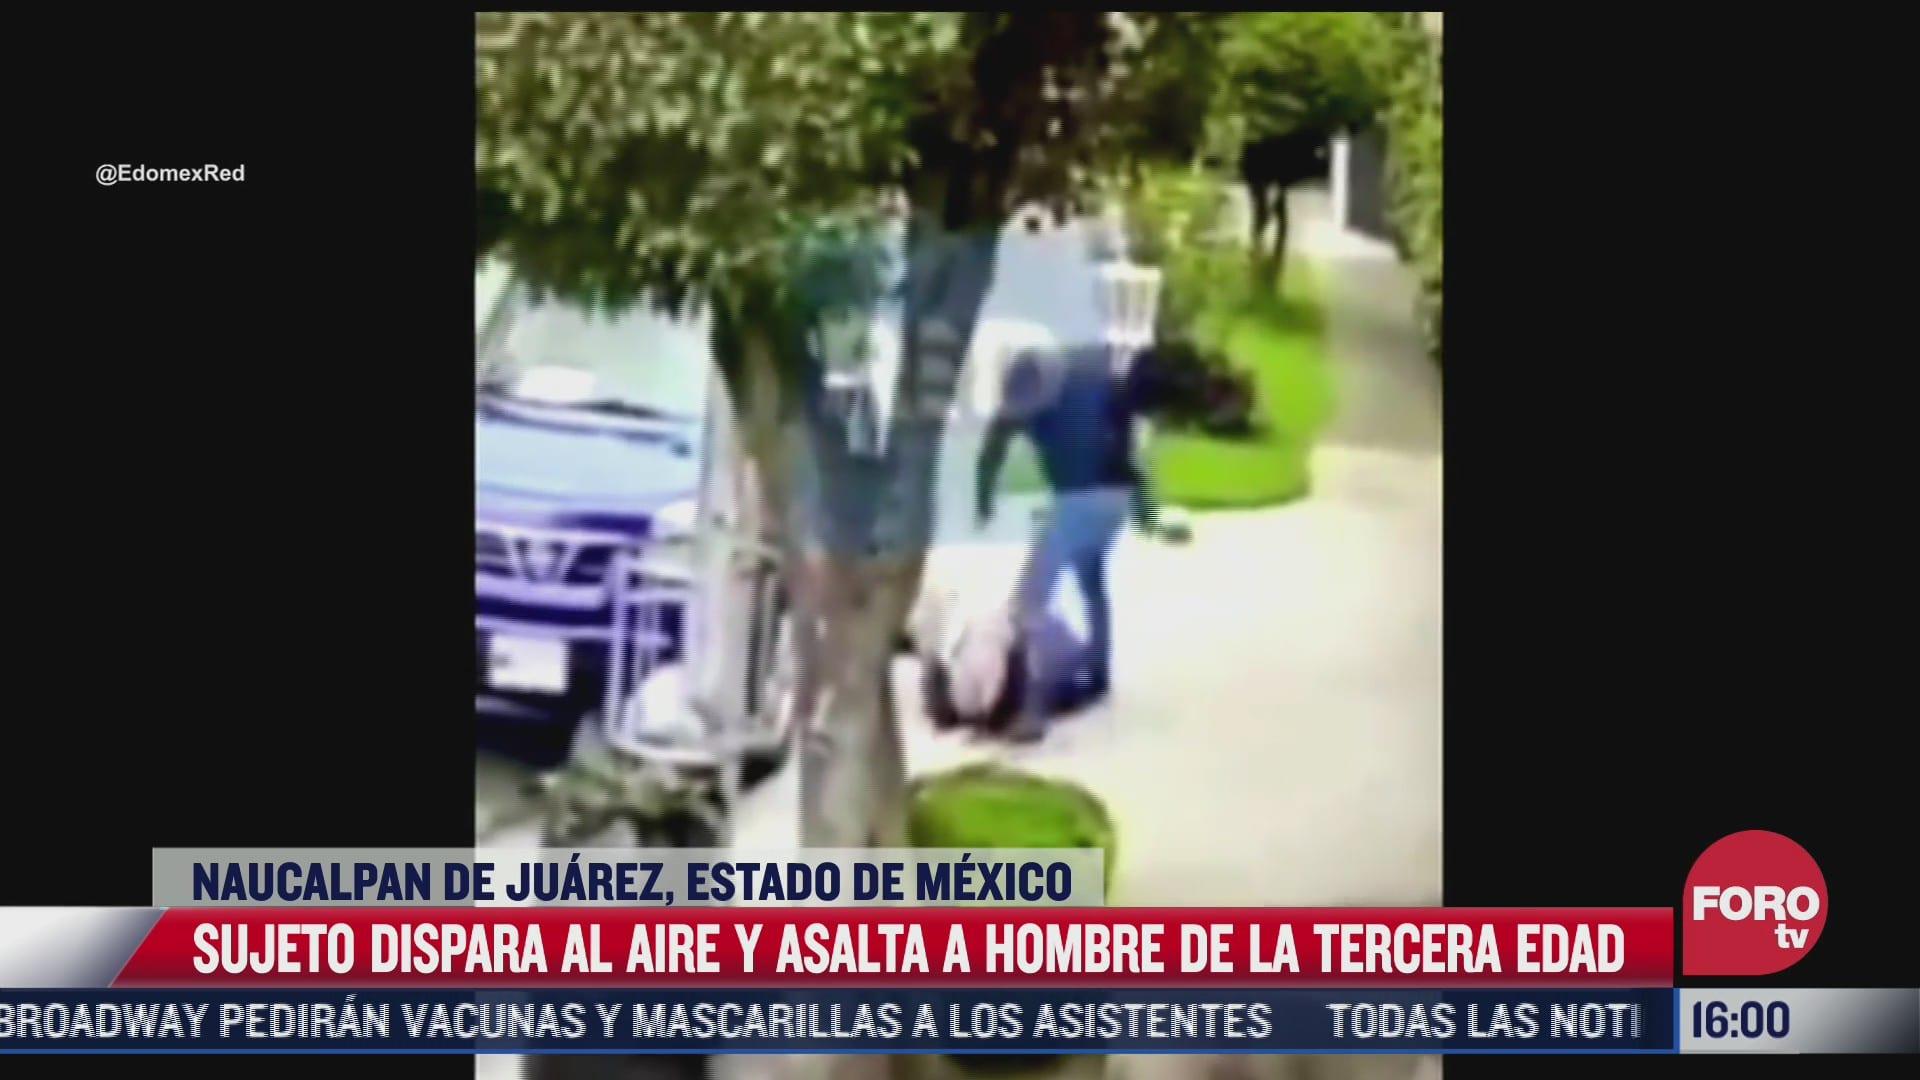 video asaltan con violencia a hombre de la tercera edad en naucalpan